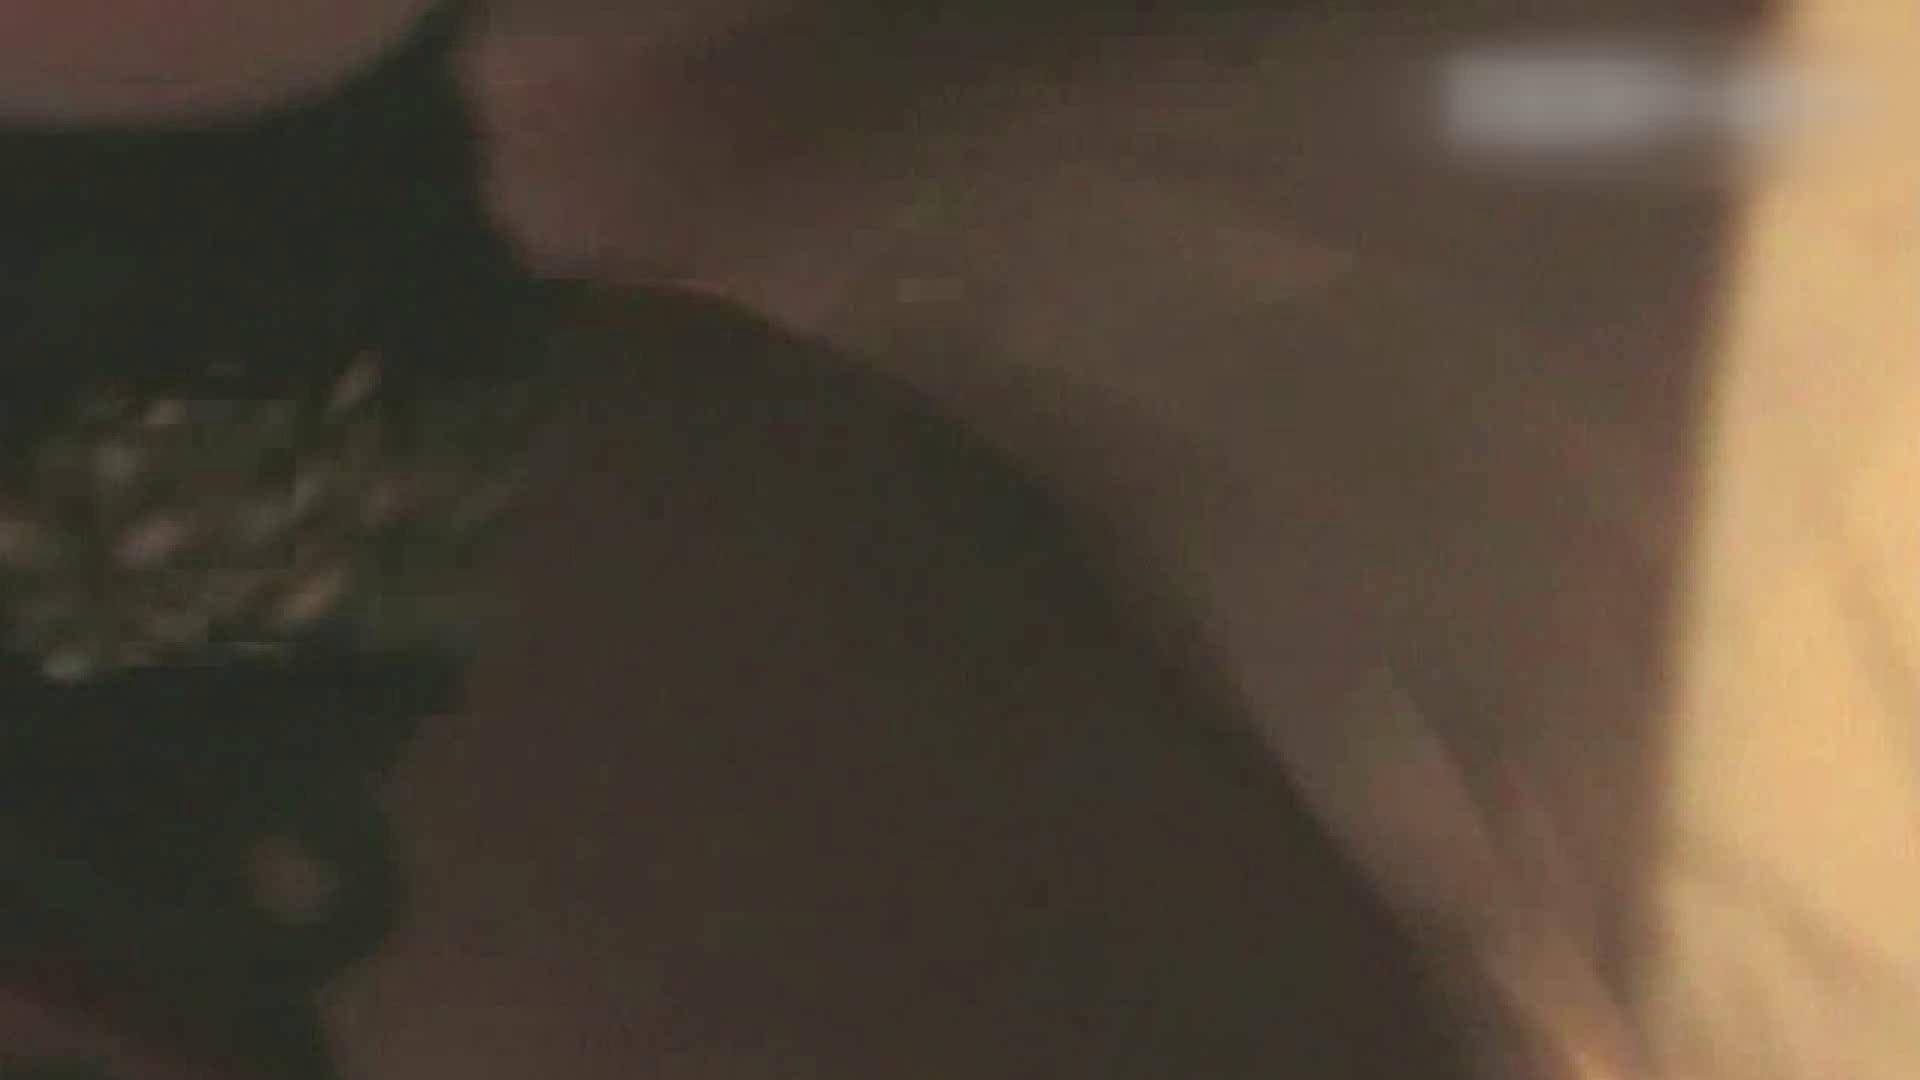 ロックハンドさんの盗撮記録File.25 オマンコギャル ワレメ動画紹介 60連発 12